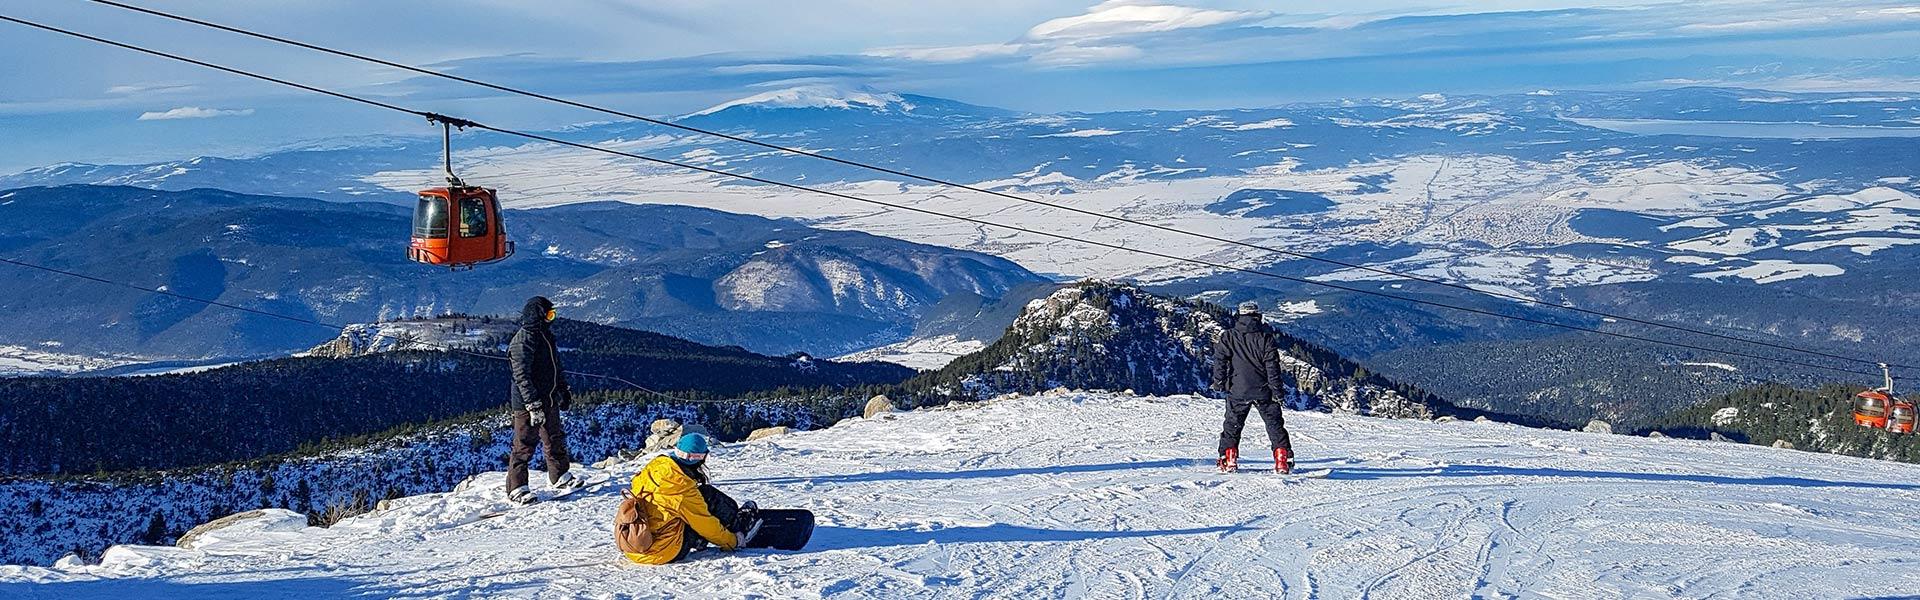 Borovec | Bugarska skijanje